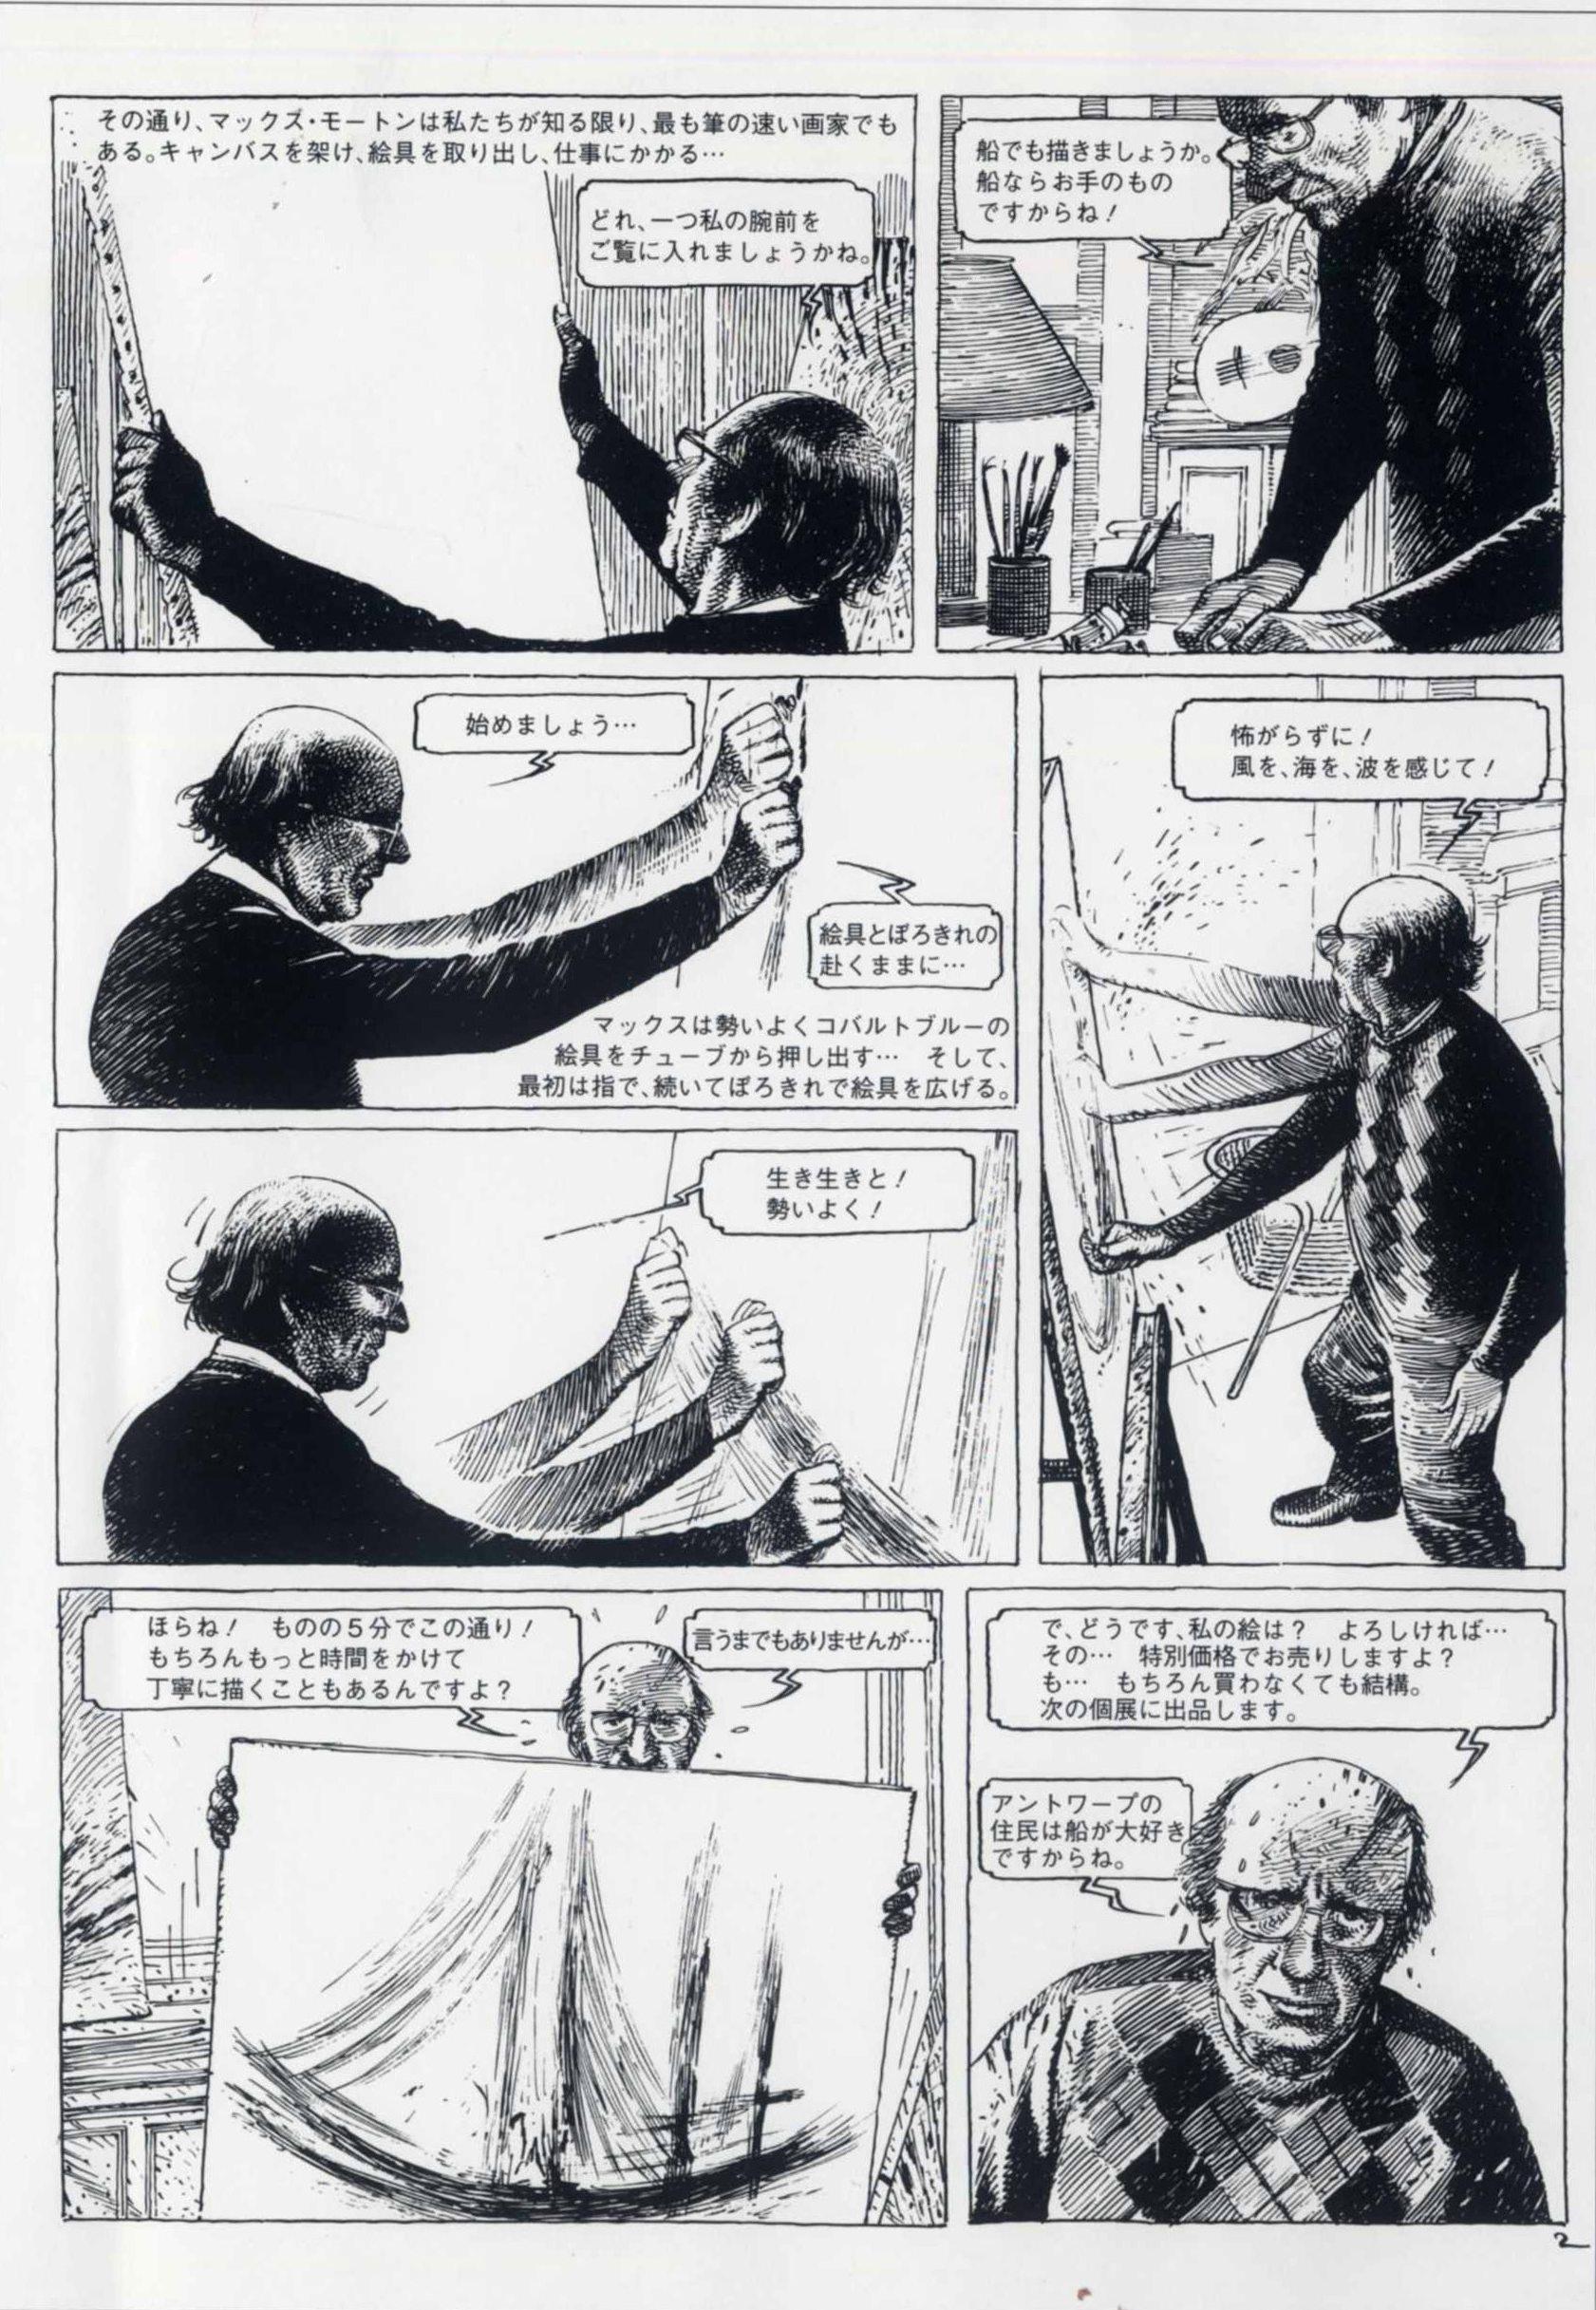 Bienvenue chez Max Morton (page 2)